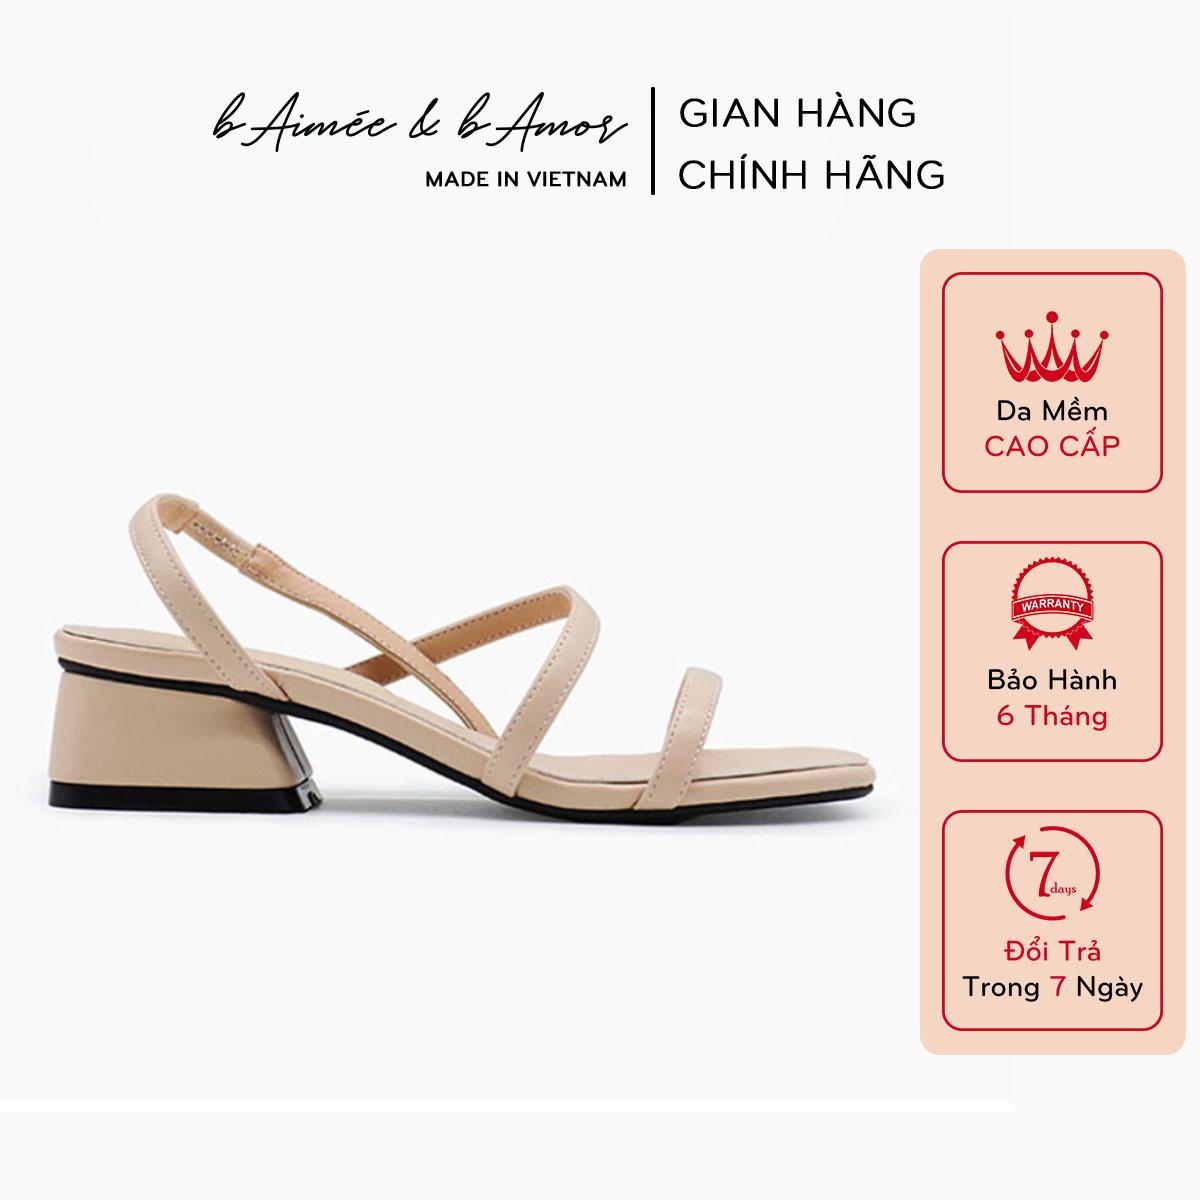 Giày sandal nữ cao gót 3 phân quai mảnh gót vuông mũi vuông thời trang hàn quốc đẹp cao cấp...